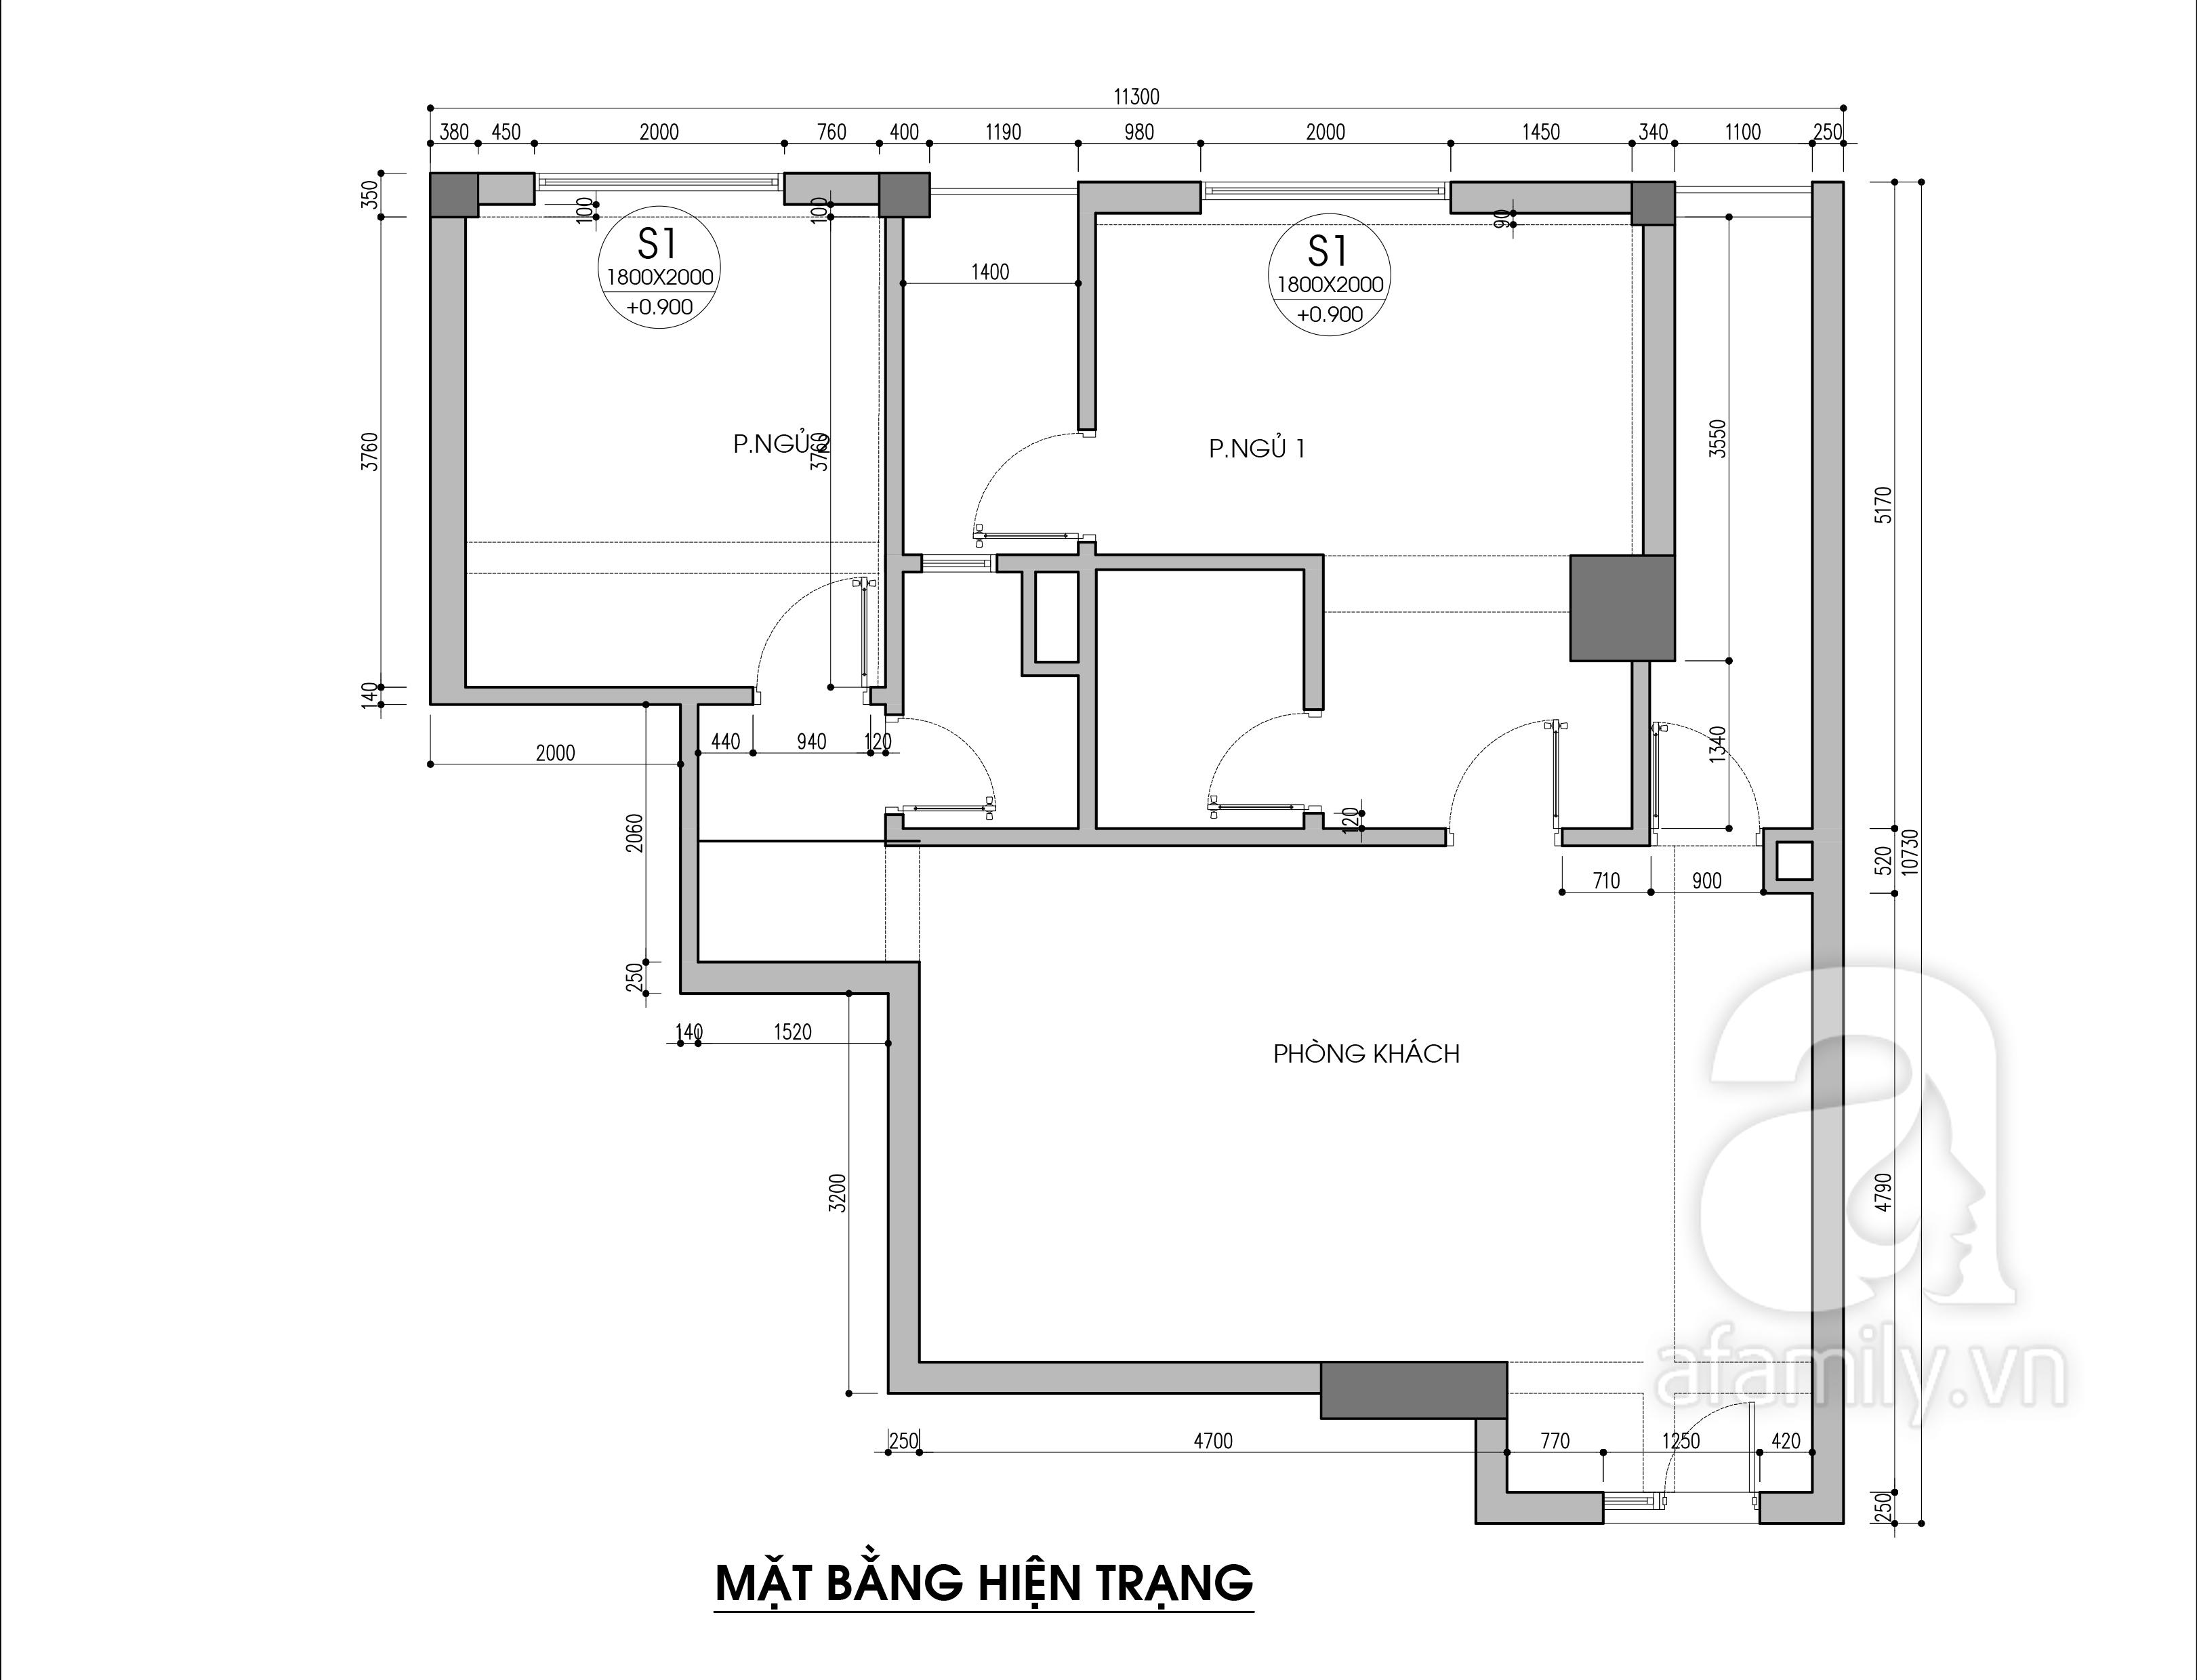 Tư vấn thiết kế cải tạo căn hộ chung cư diện tích 79m² với tổng chi phí 140 triệu đồng - Ảnh 2.